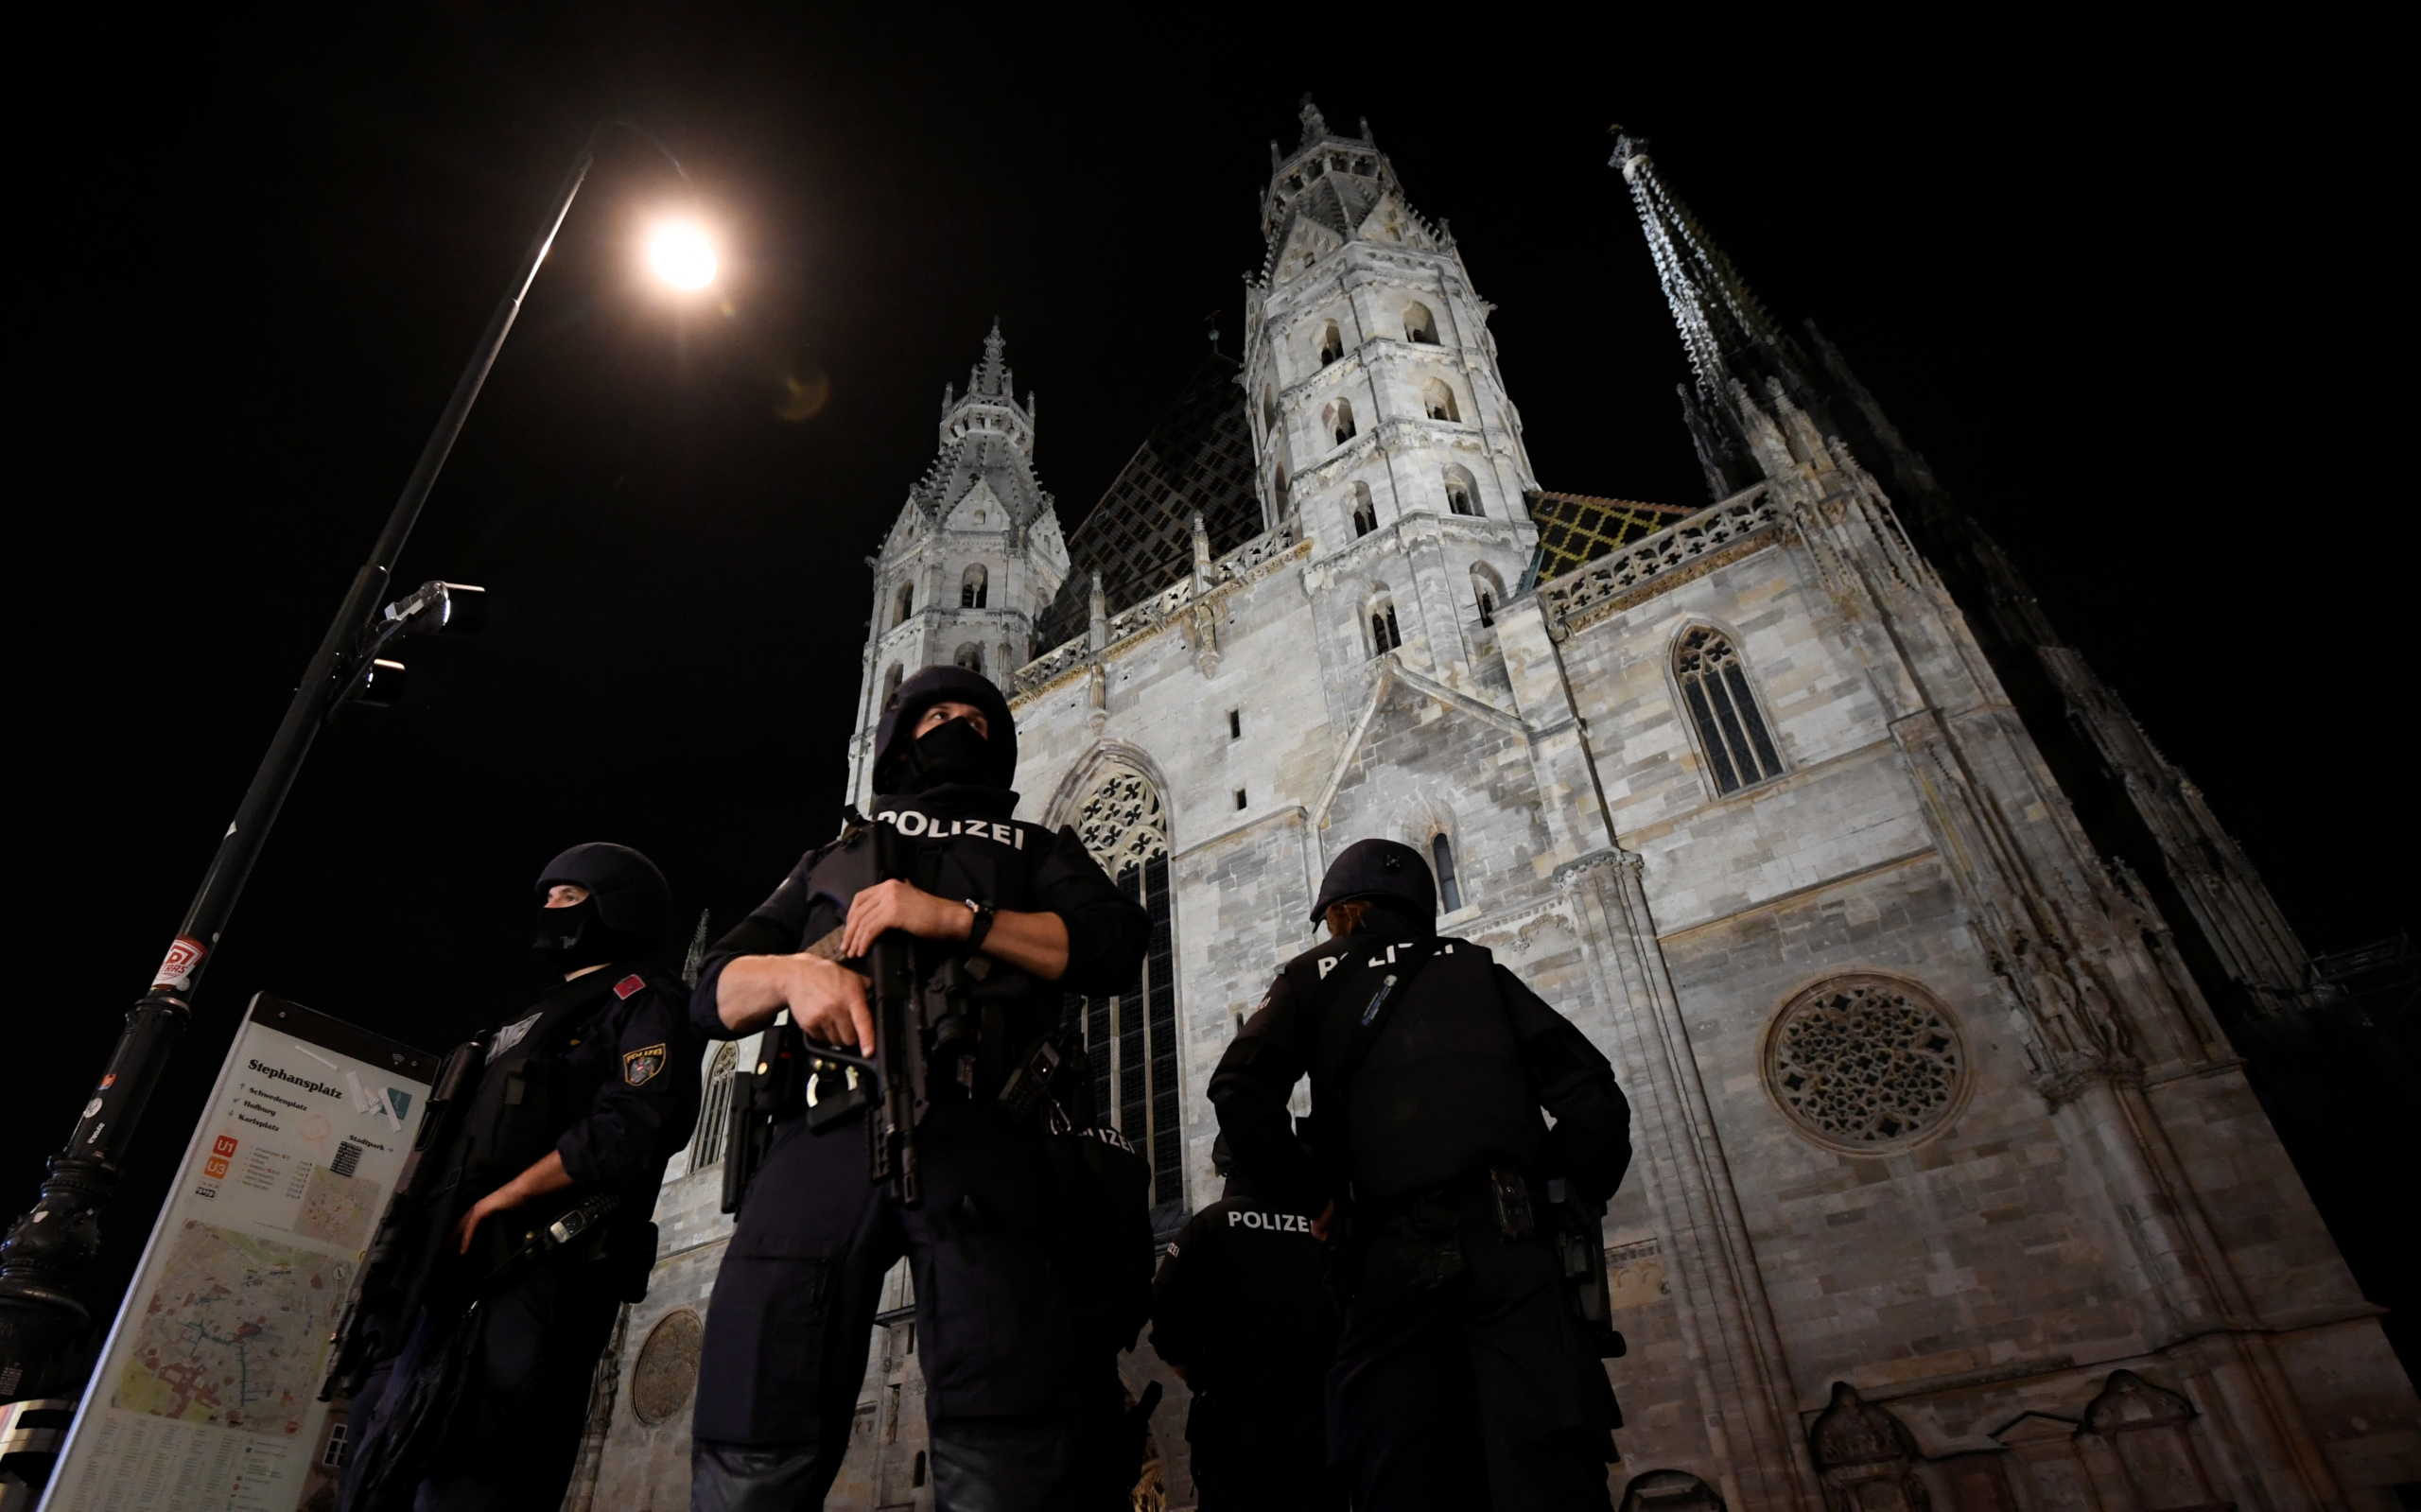 Επίθεση στη Βιέννη: Διαθρησκευτικό μνημόσυνο για τα θύματα στον καθεδρικό ναό του Αγίου Στεφάνου